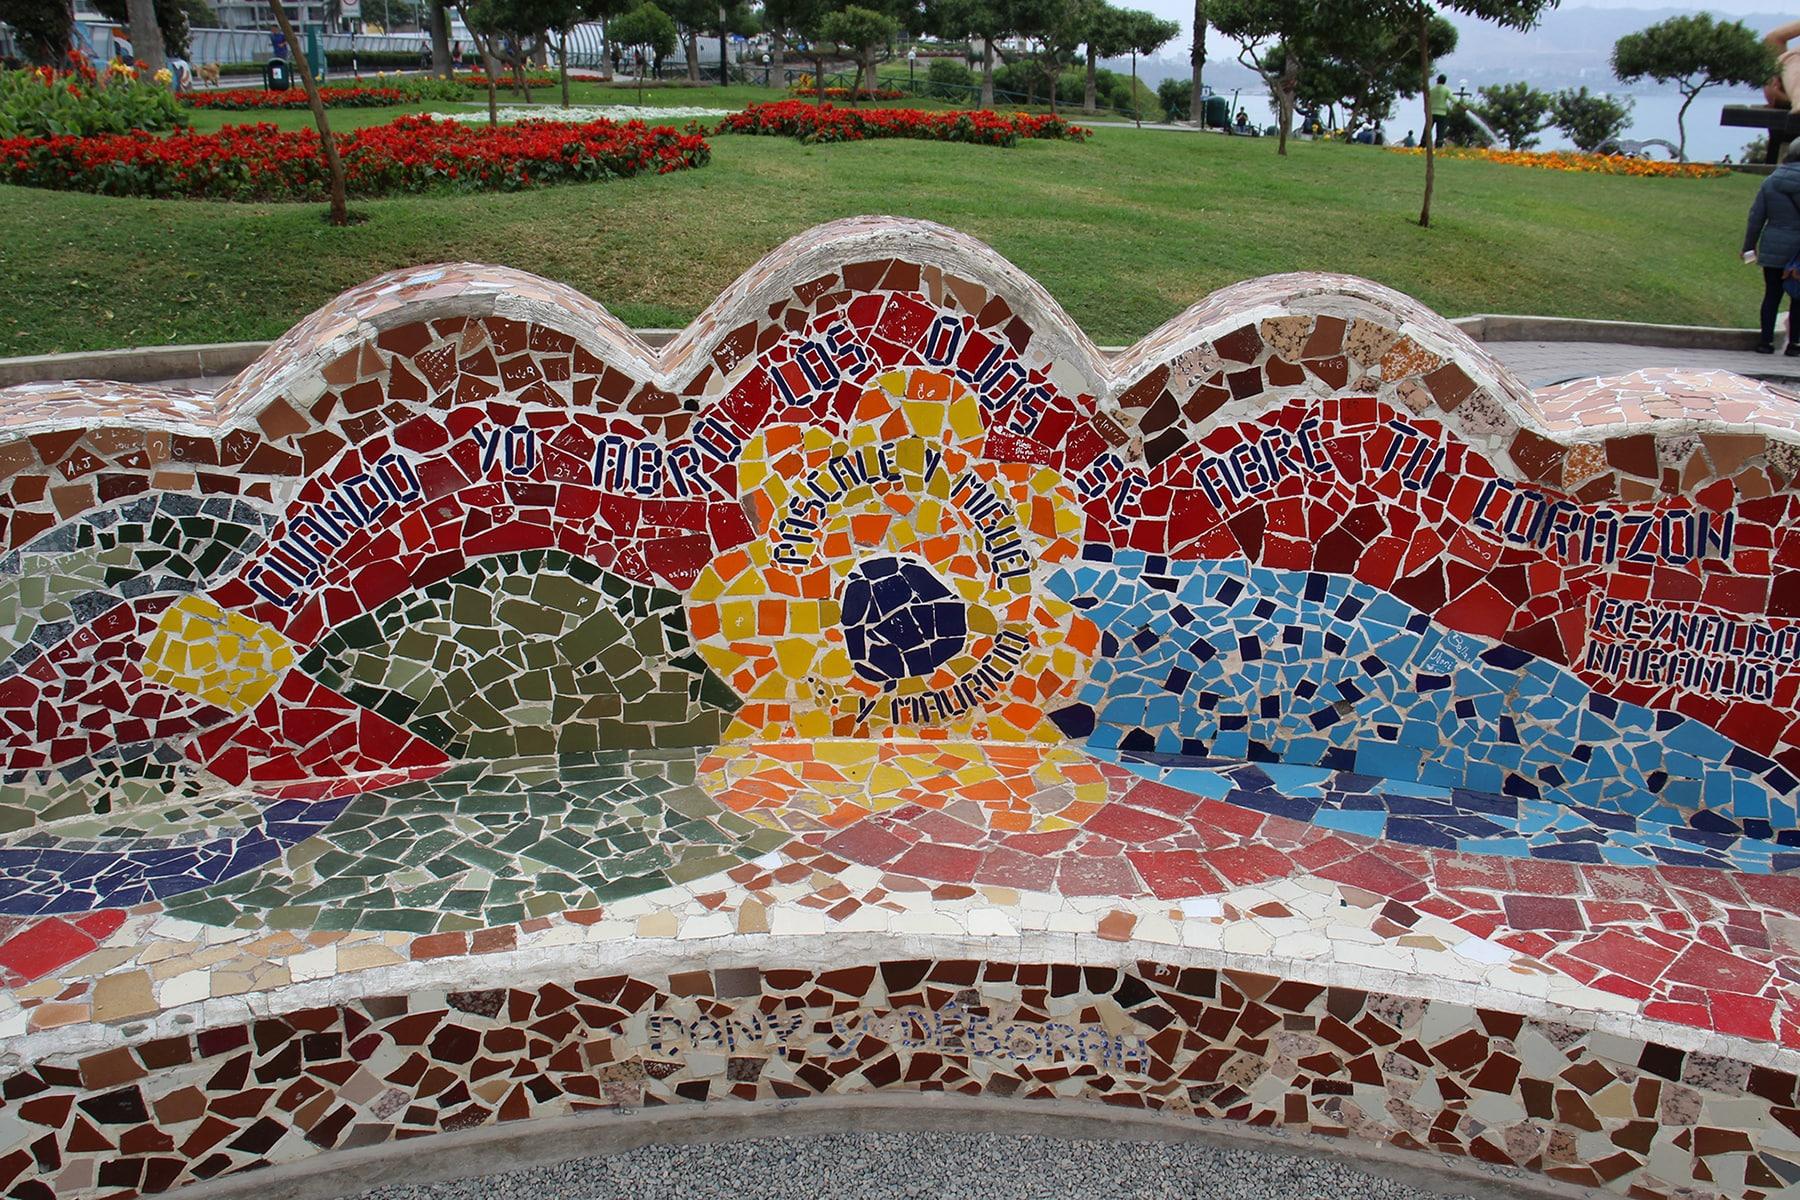 Citazioni su una panchina del Parque del Amor, Lima